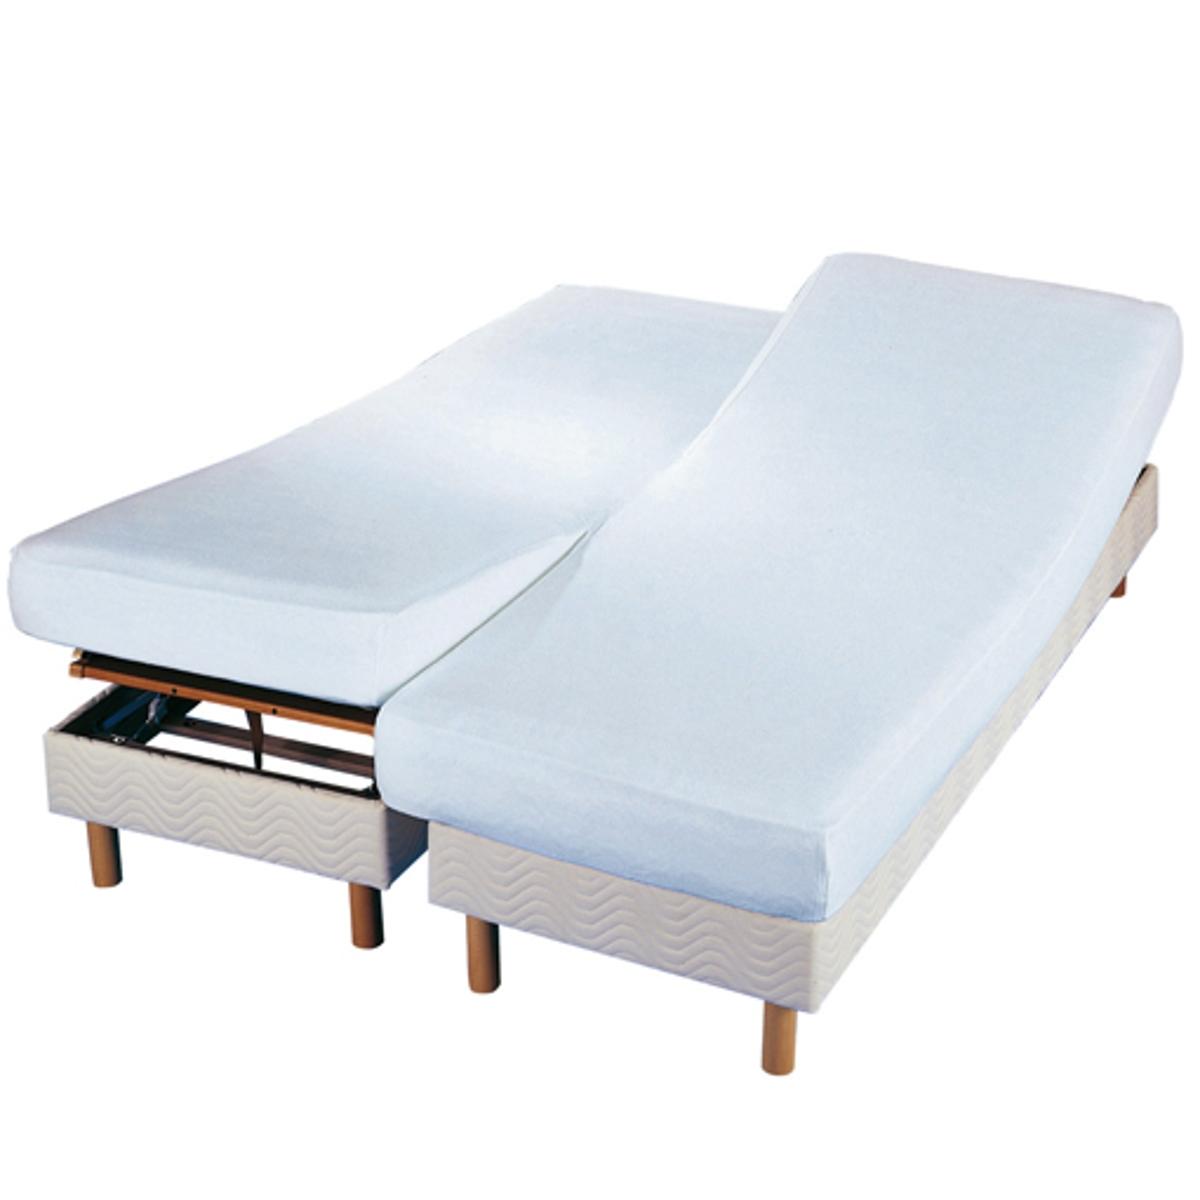 Чехол защитный двойной для матраса из мольтона с обработкой против клещей чехол защитный для подушки из стретч мольтона